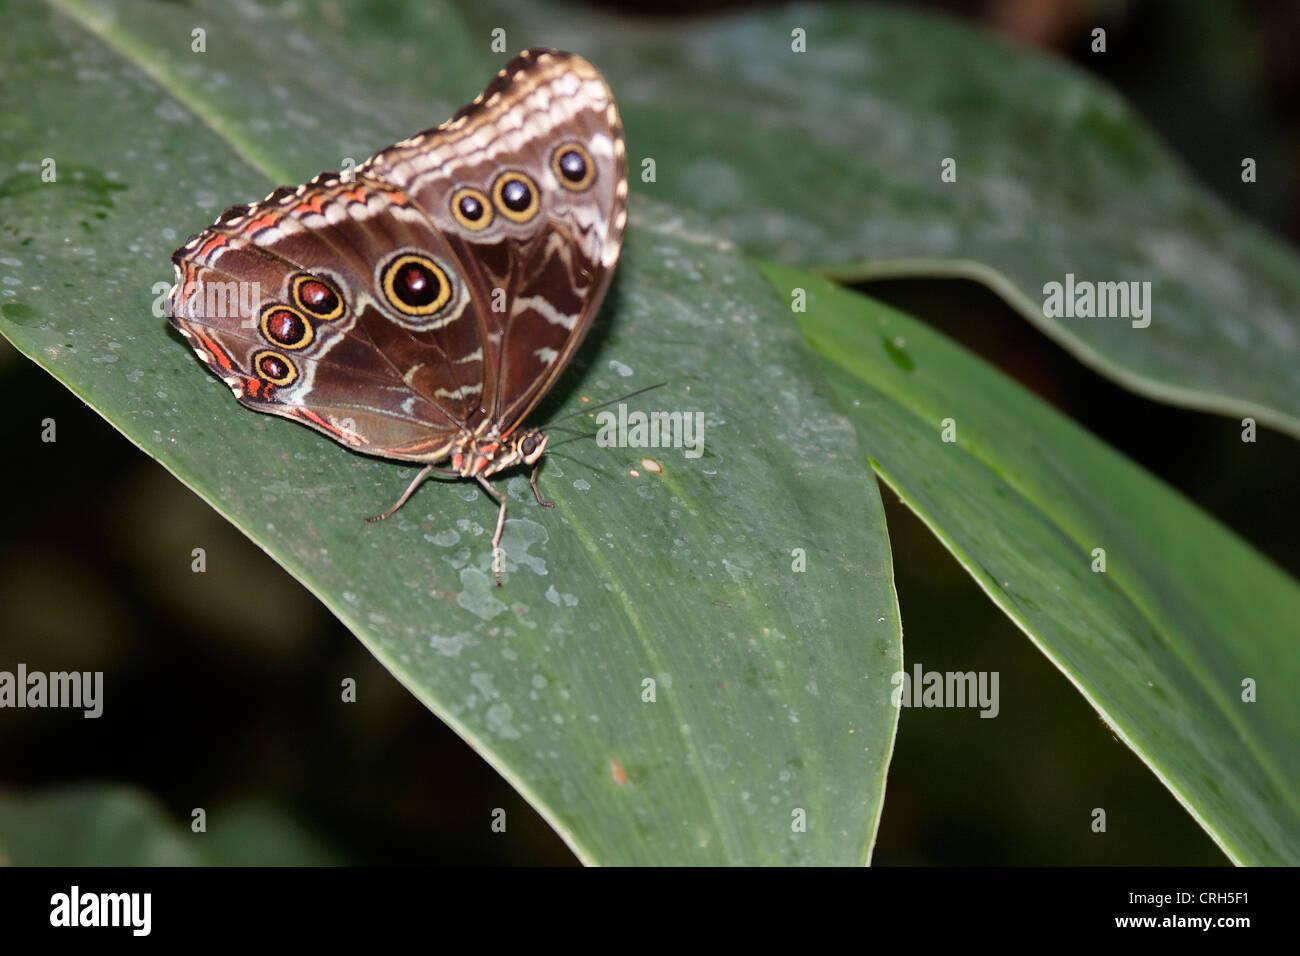 Schmetterlinge in der Natur - butterfly in nature Schmetterling - Butterfly Stock Photo